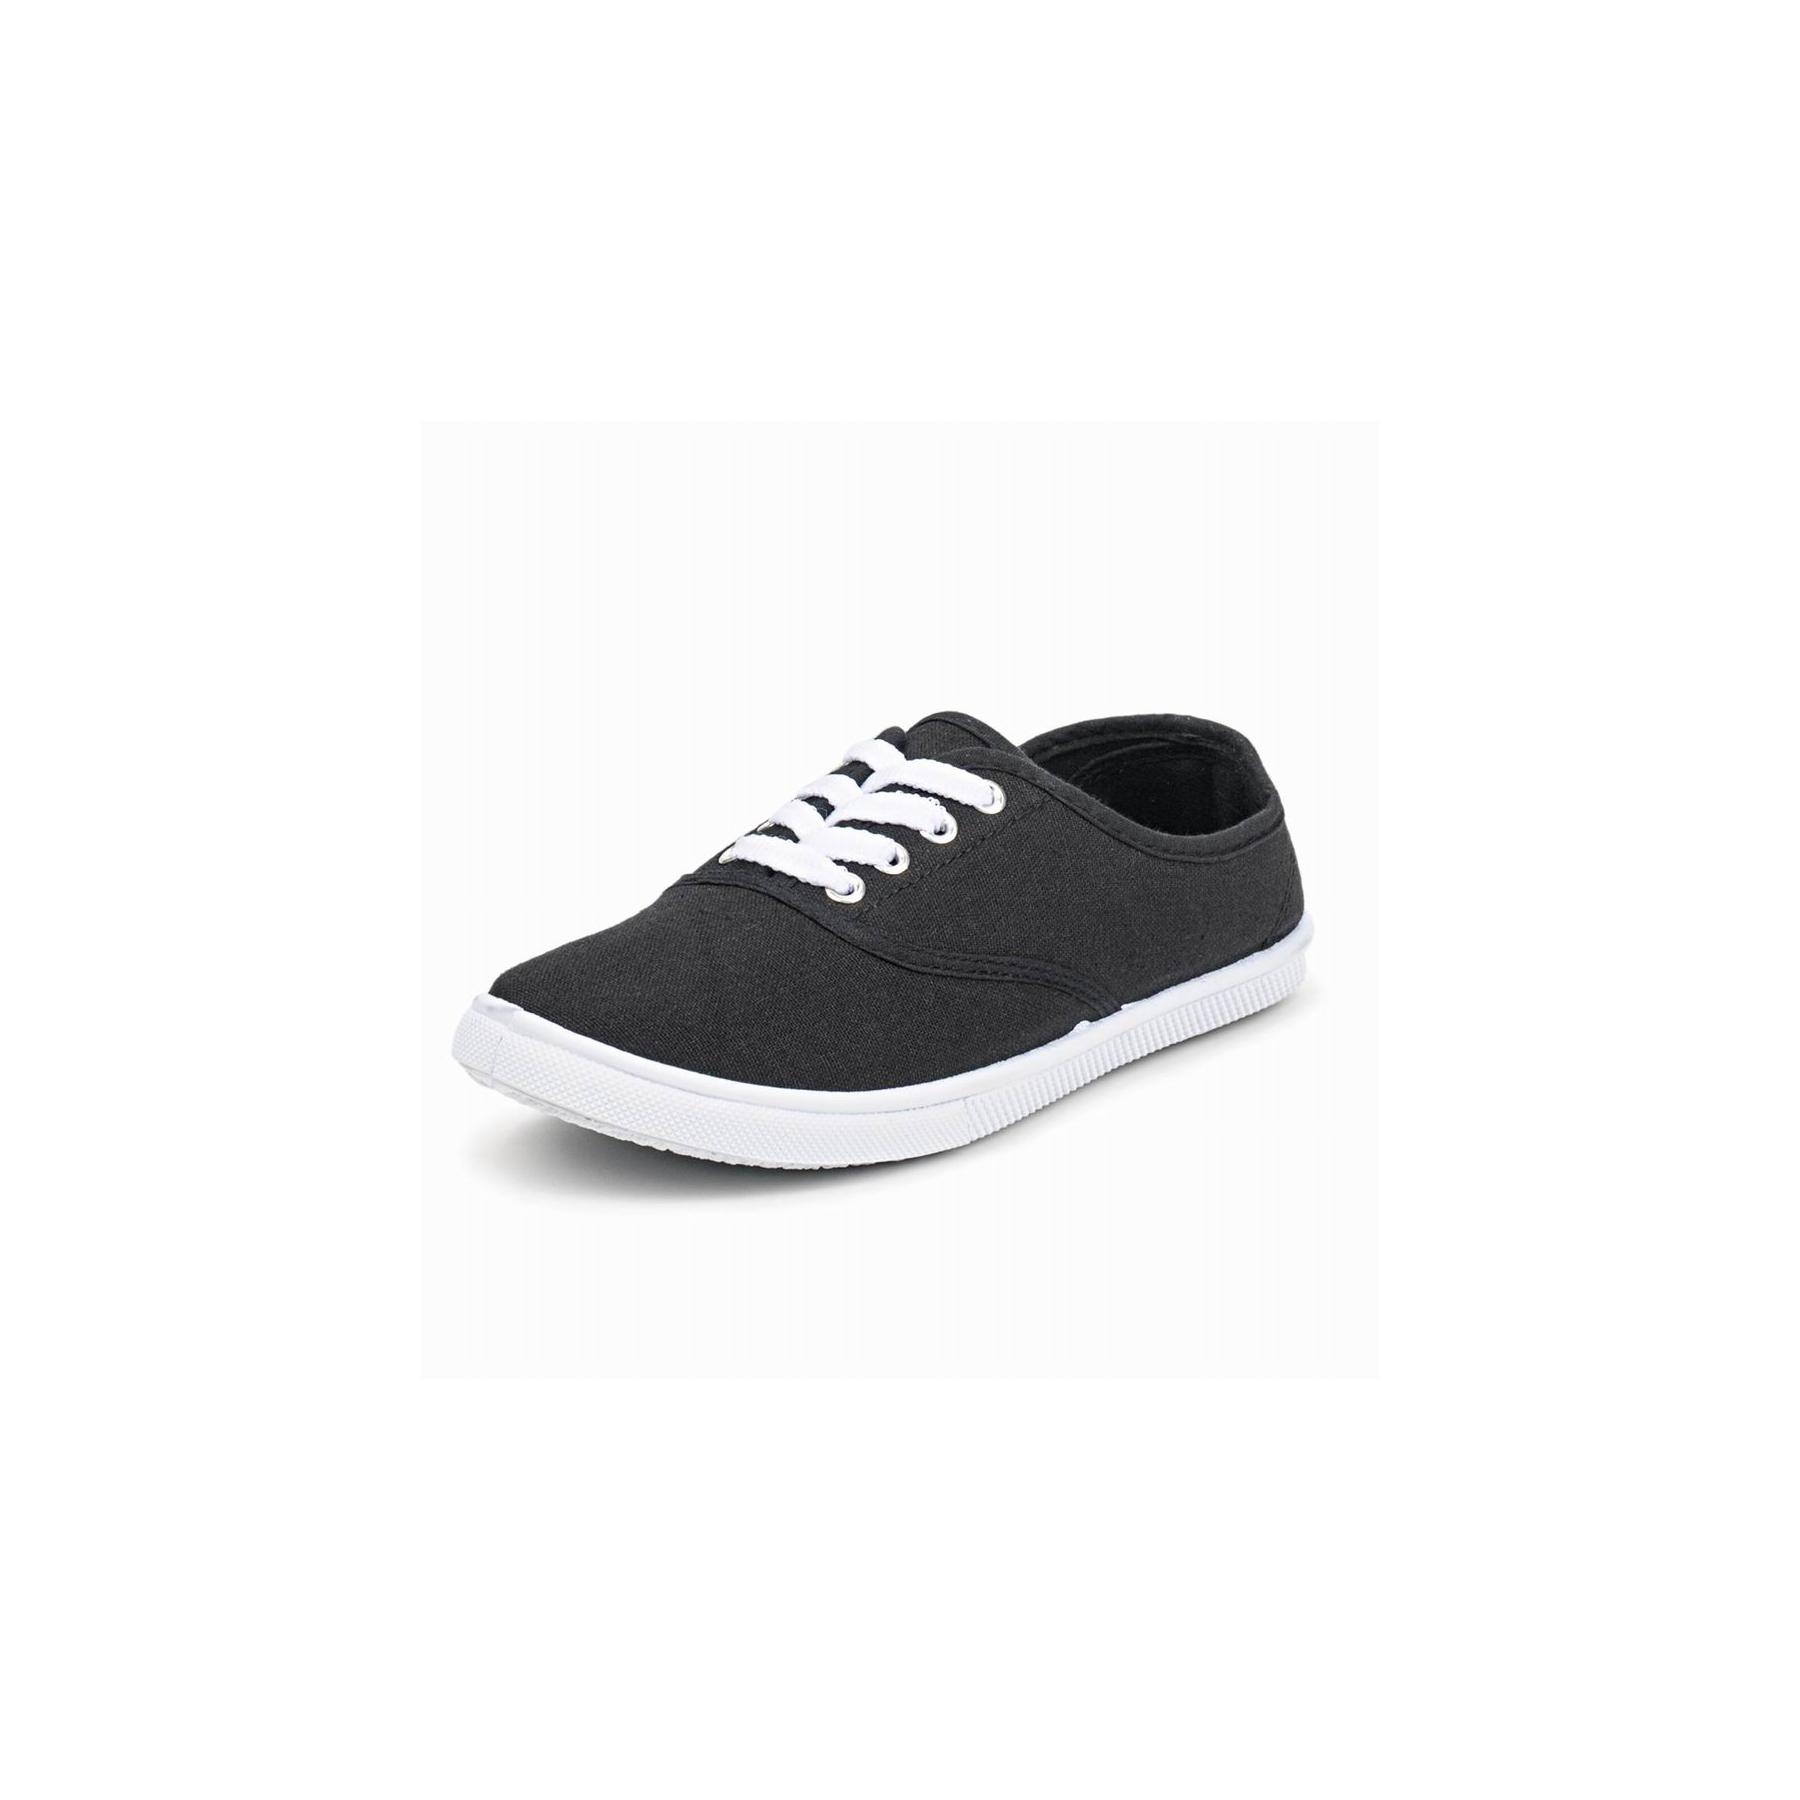 Обувь женская Trien  LGC 9102 черная текстиль р. 37 АКЦИЯ!